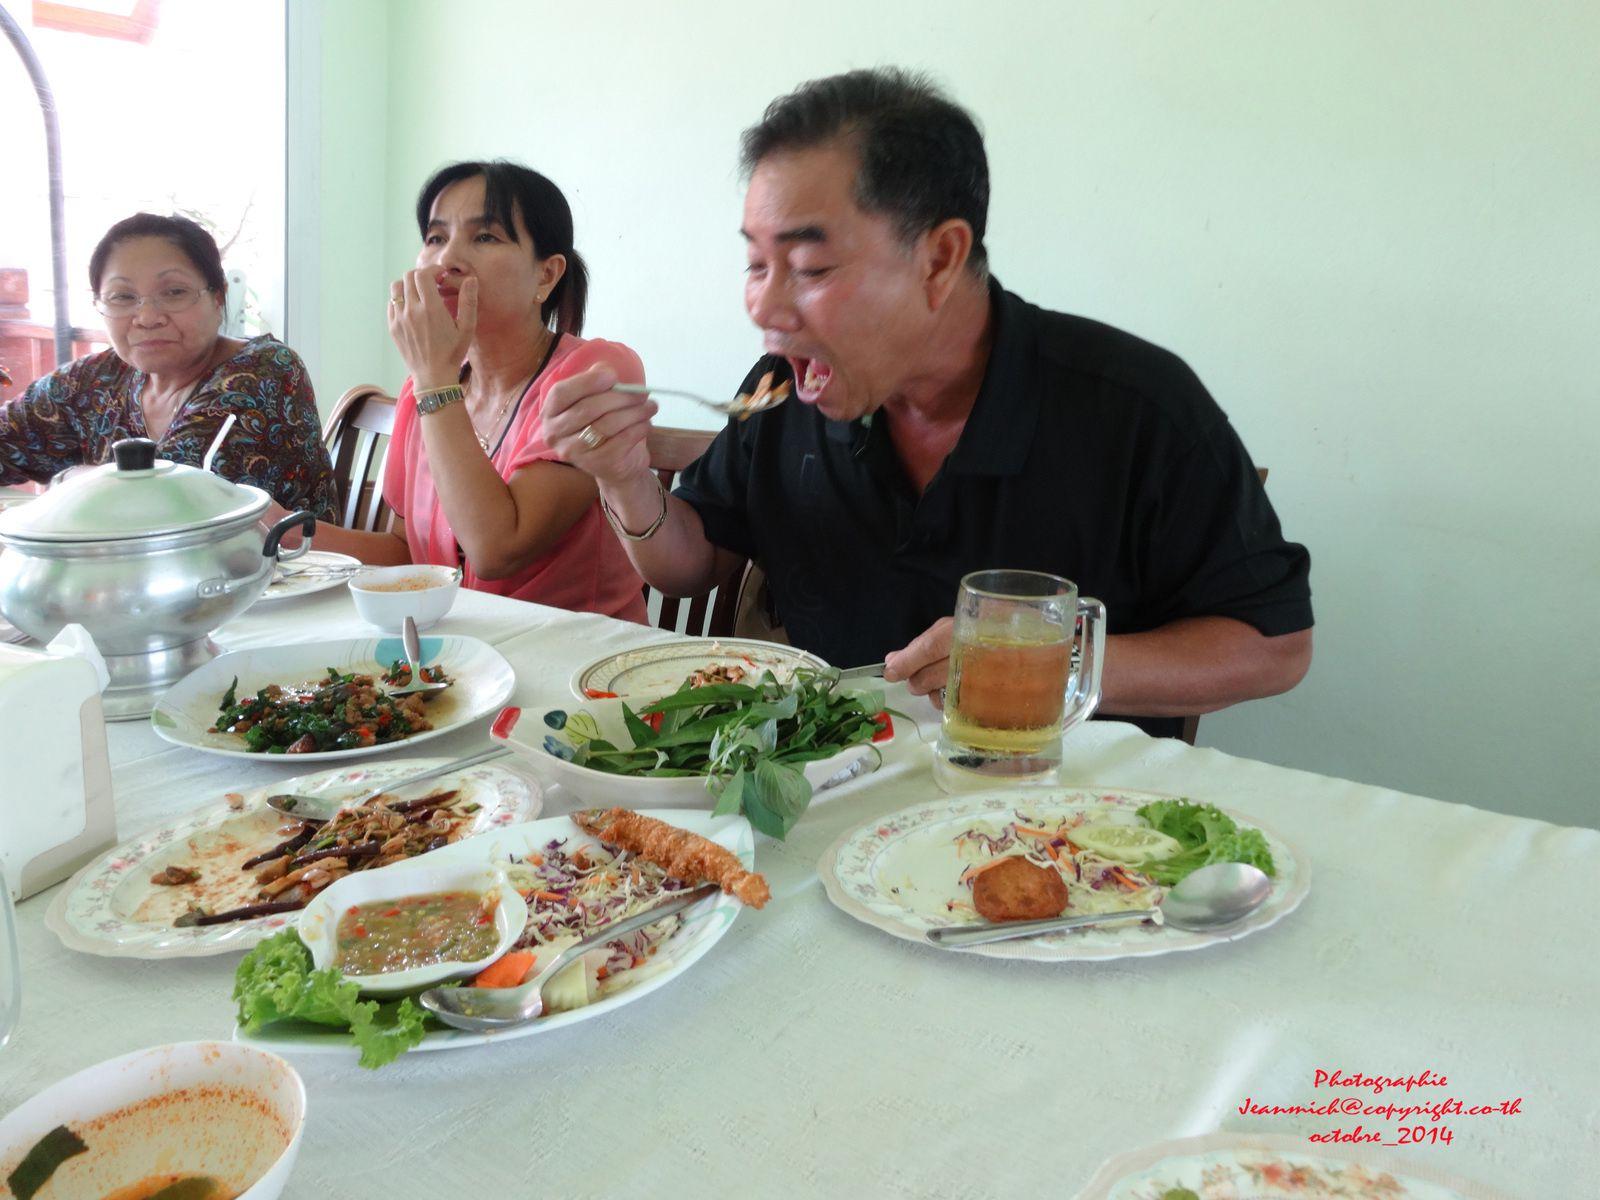 Cela a permis à mon beau-frère Prapas (affamé ce jour là...) de finir tous les délicieux plats...